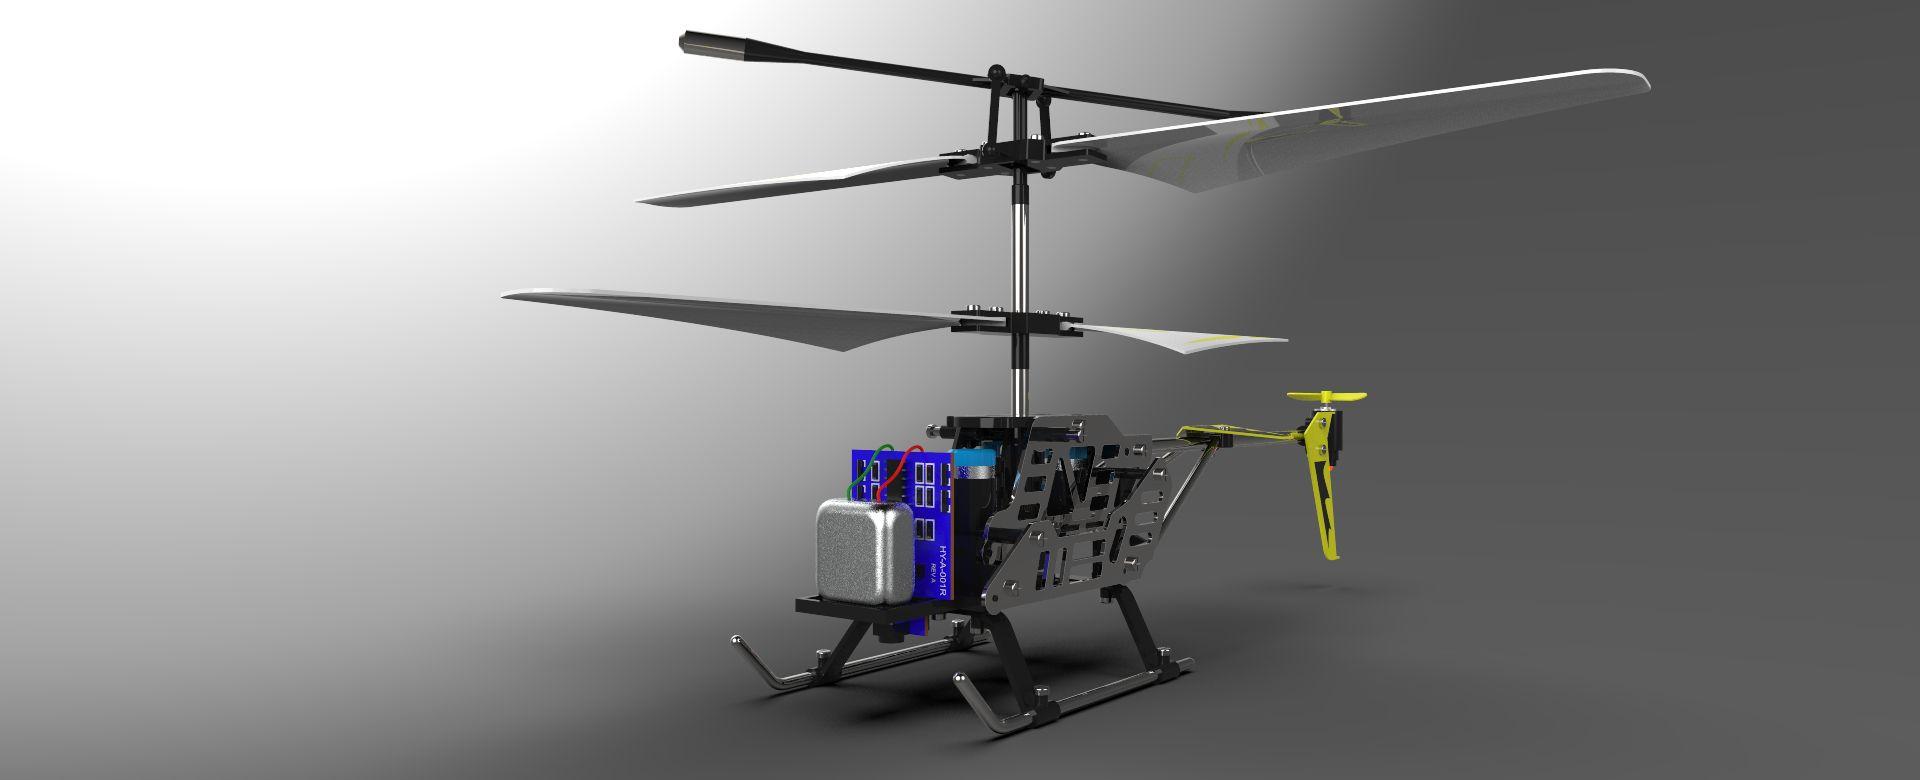 Choper-171-3500-3500